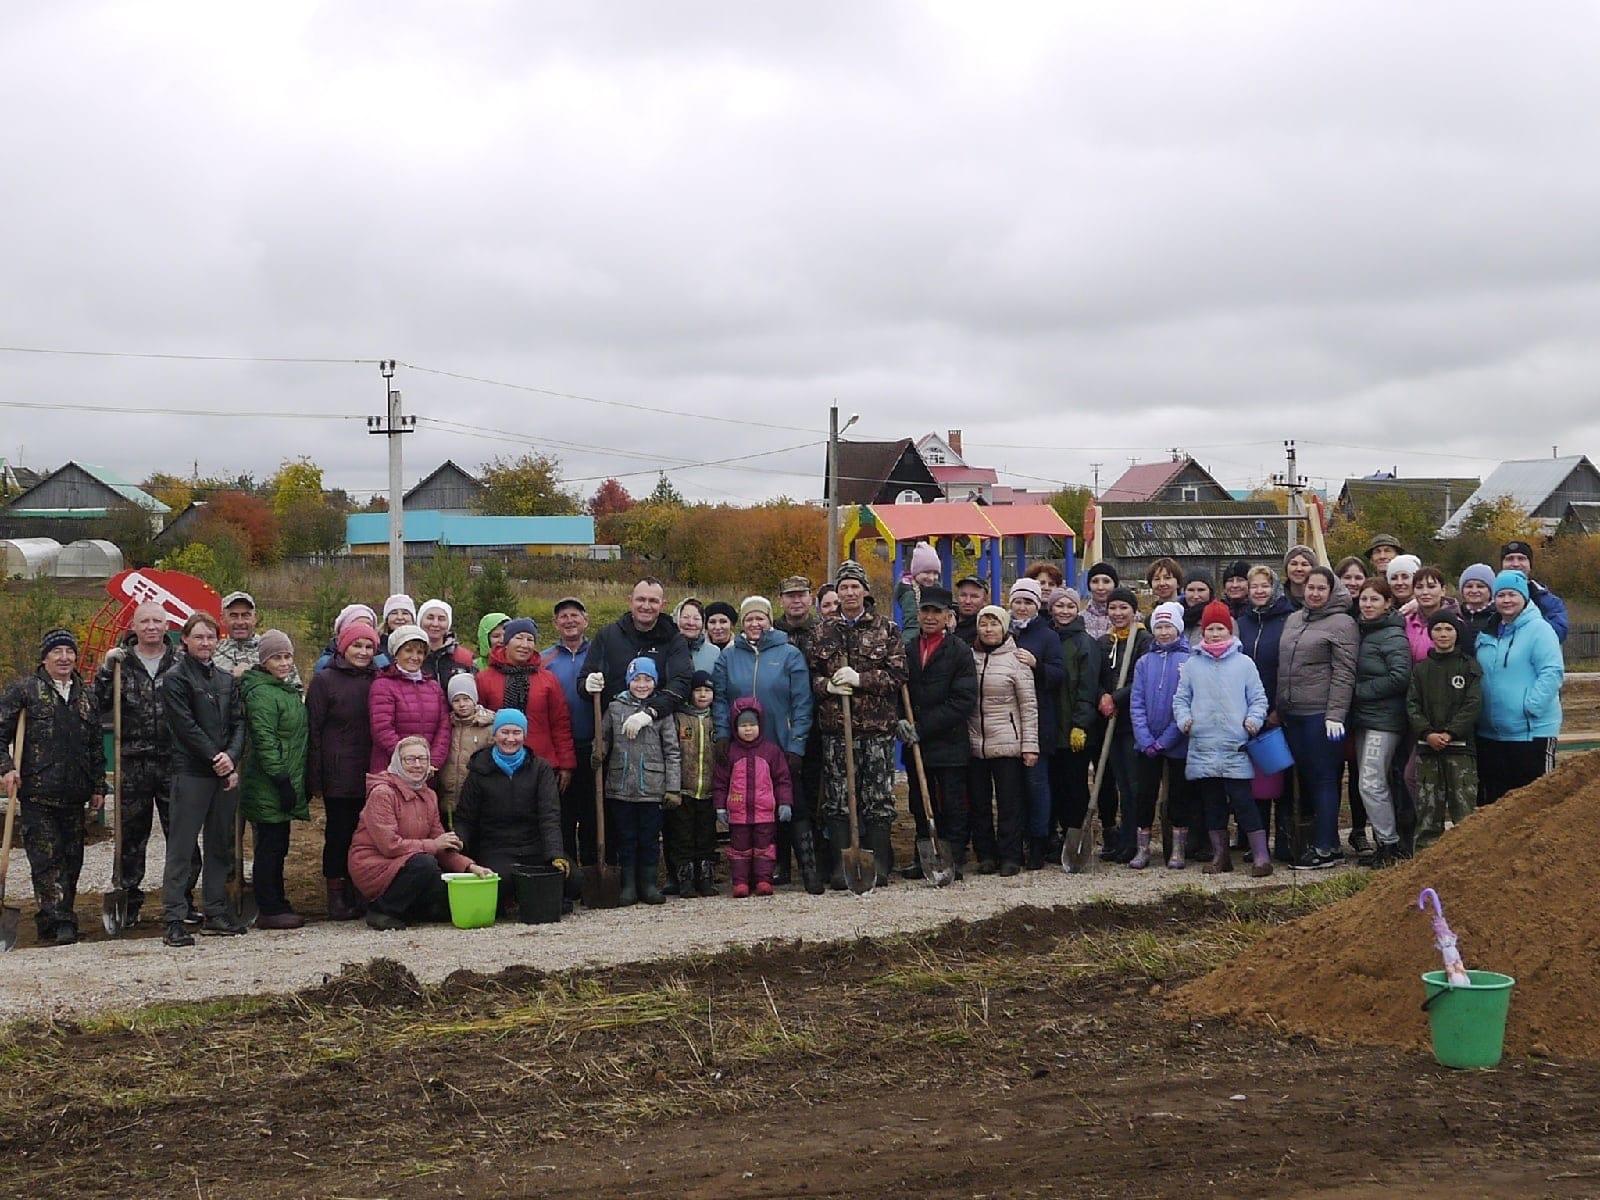 Жители Вавожа решили провести день с пользой для села